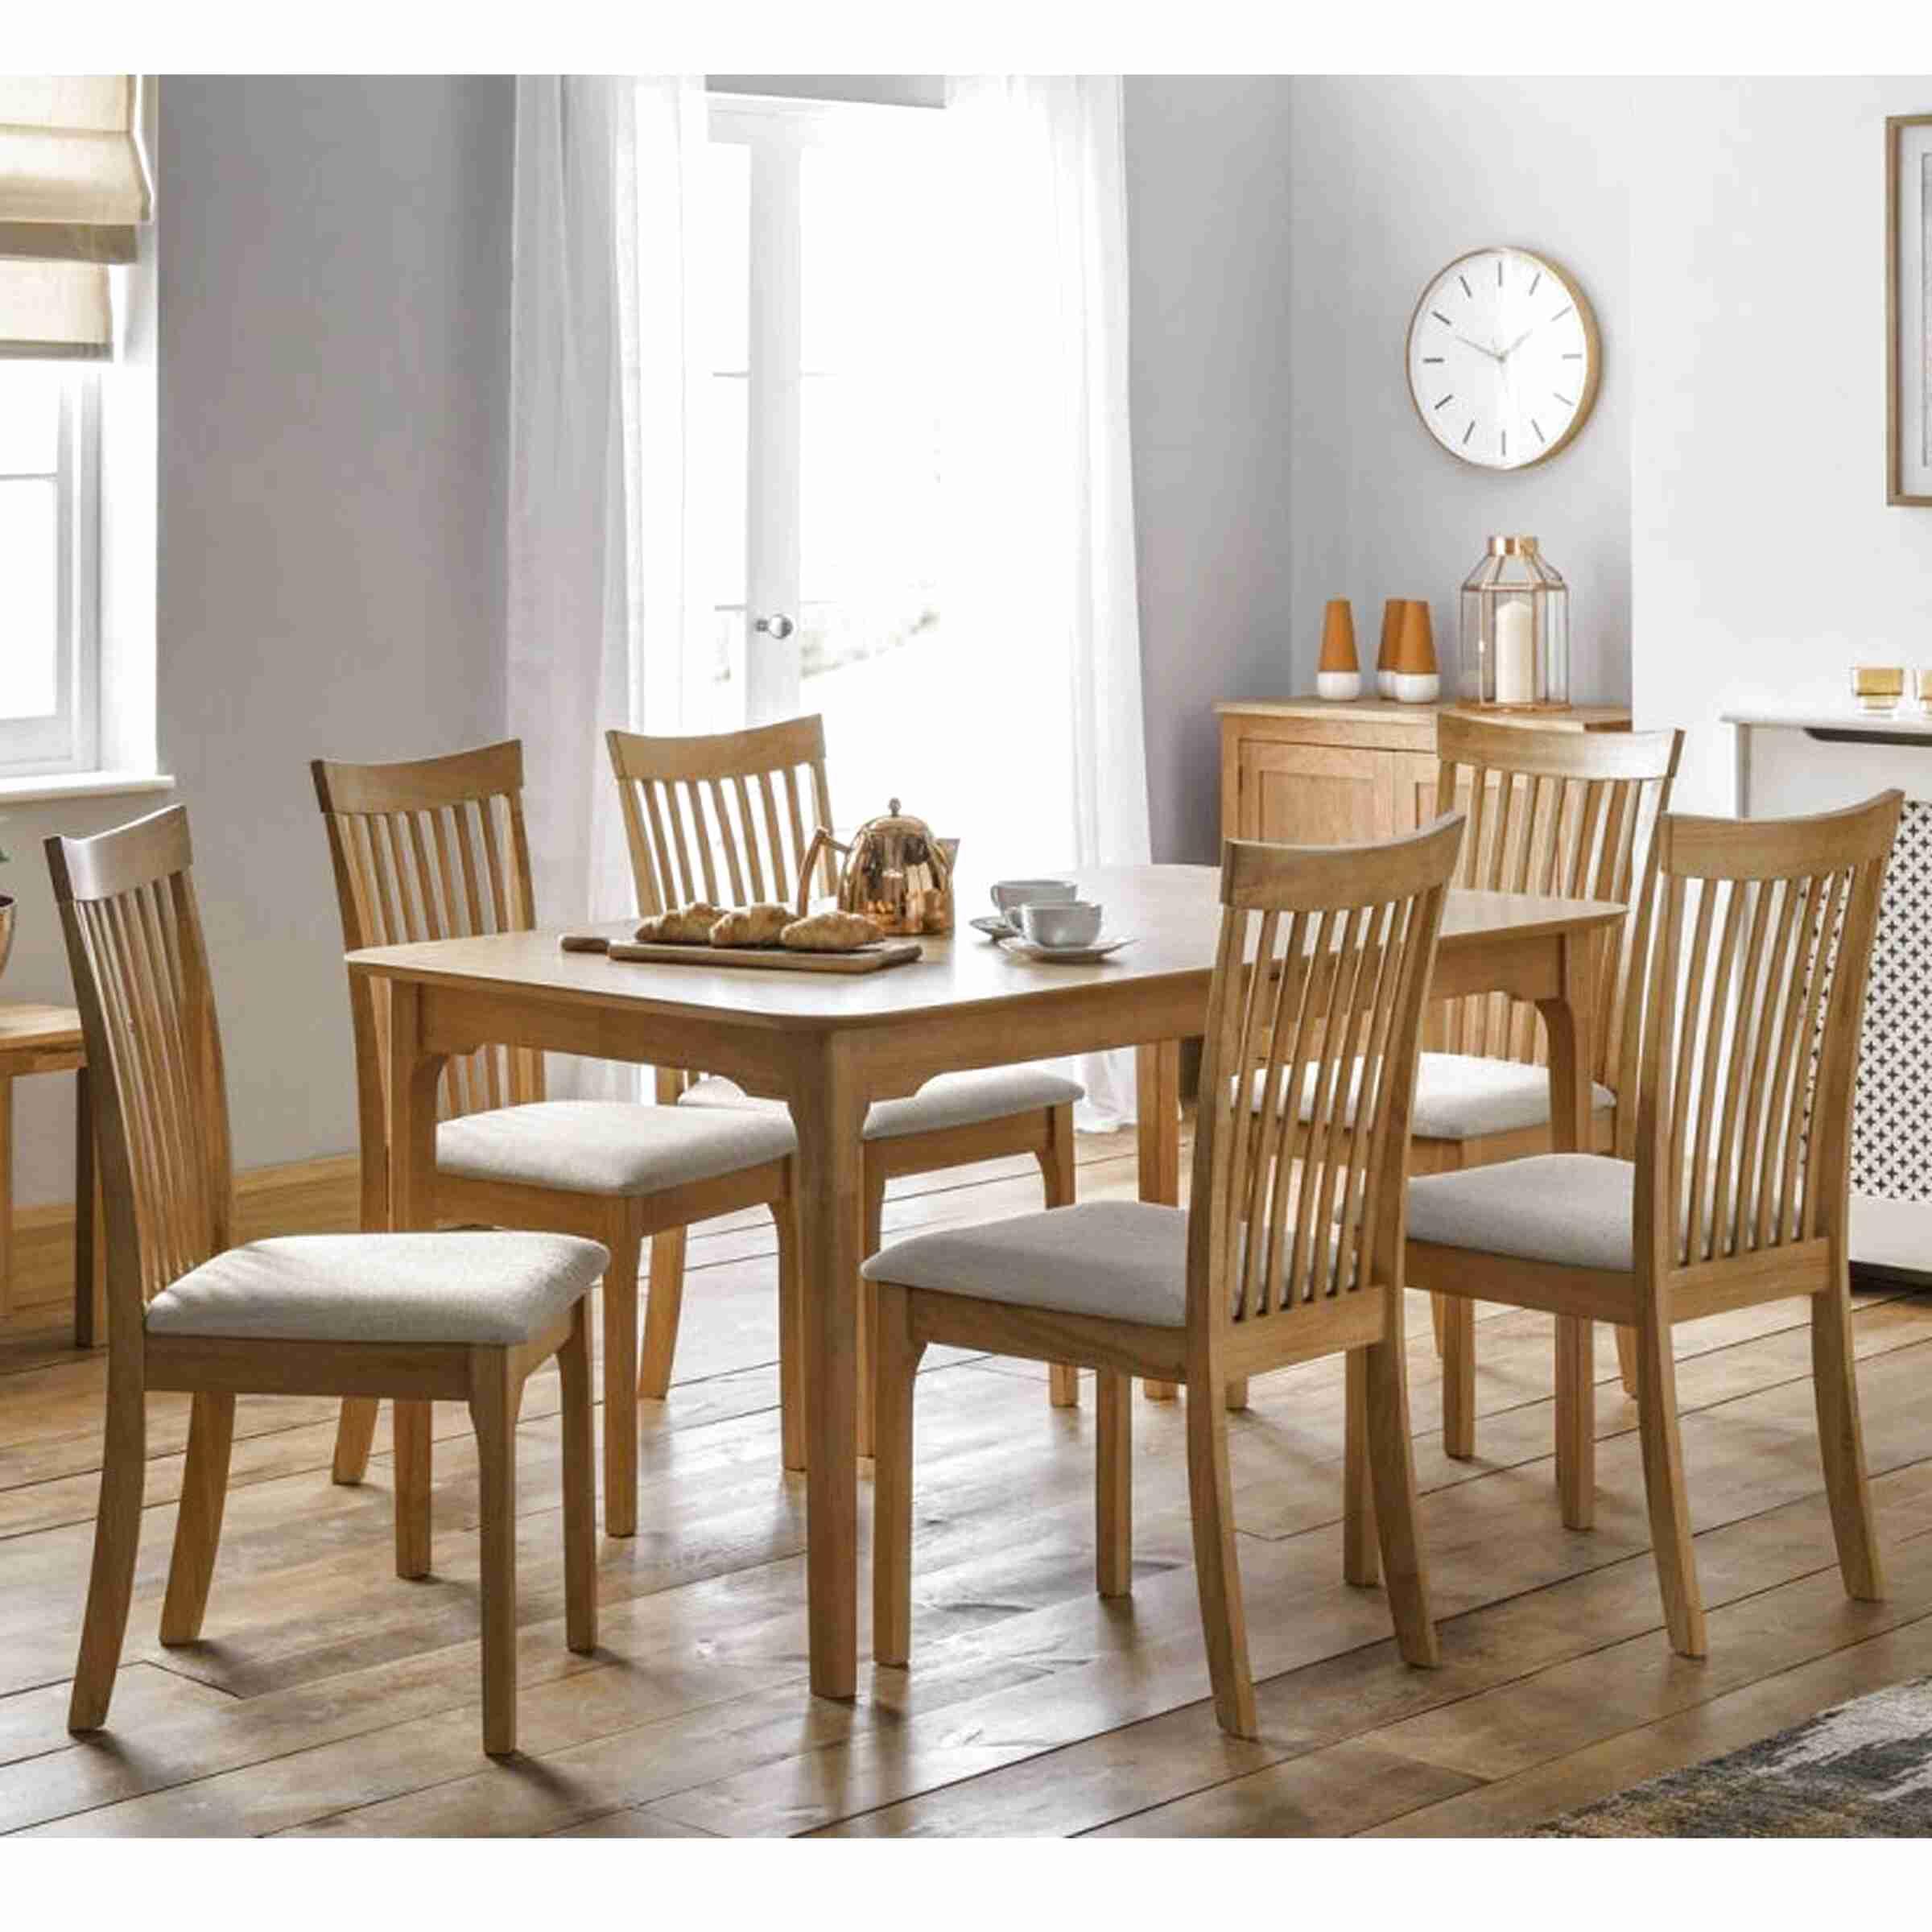 oak dining set for sale